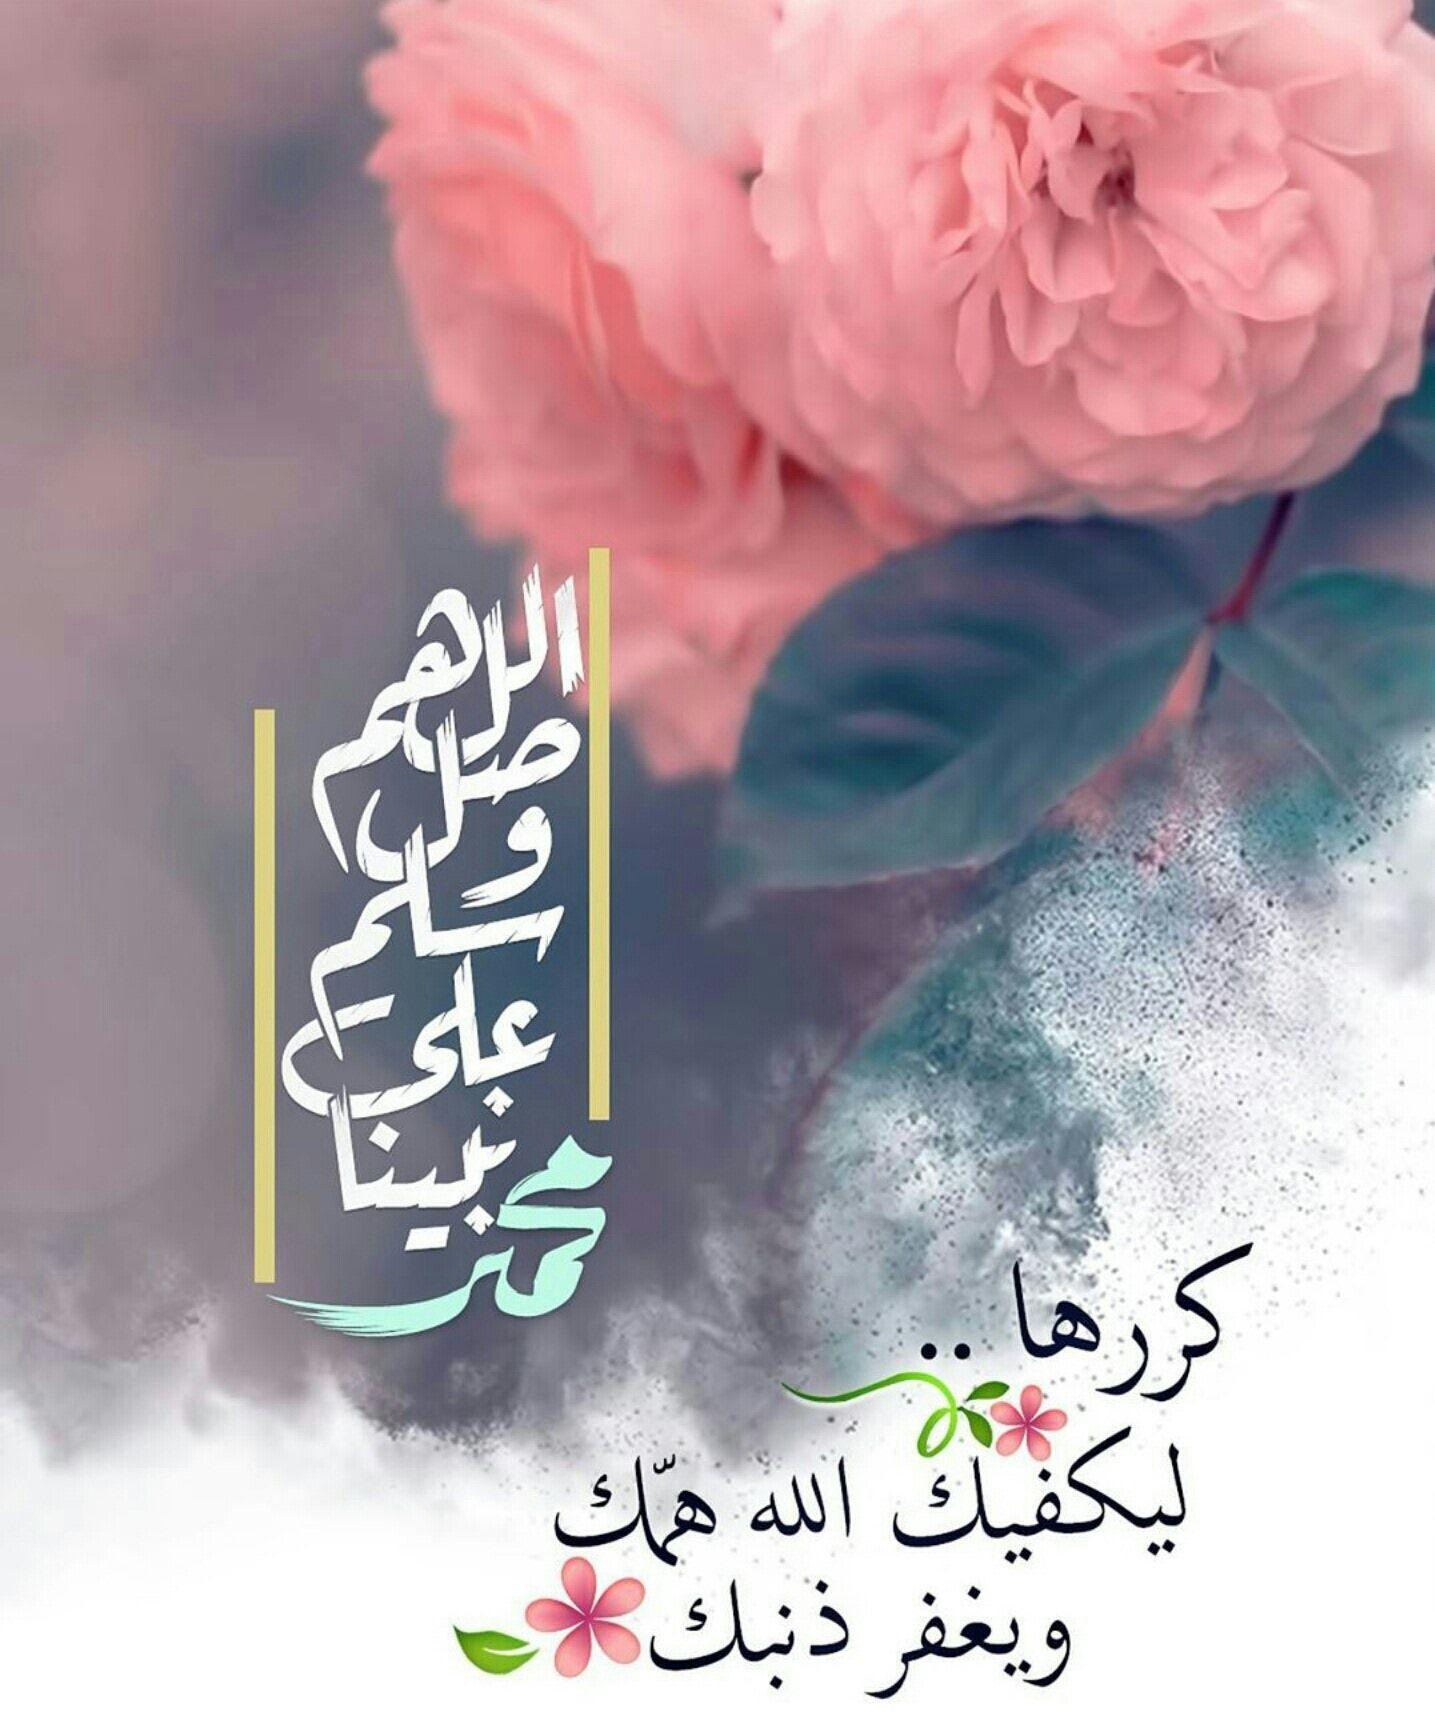 عبارات اسلامية مؤثرة